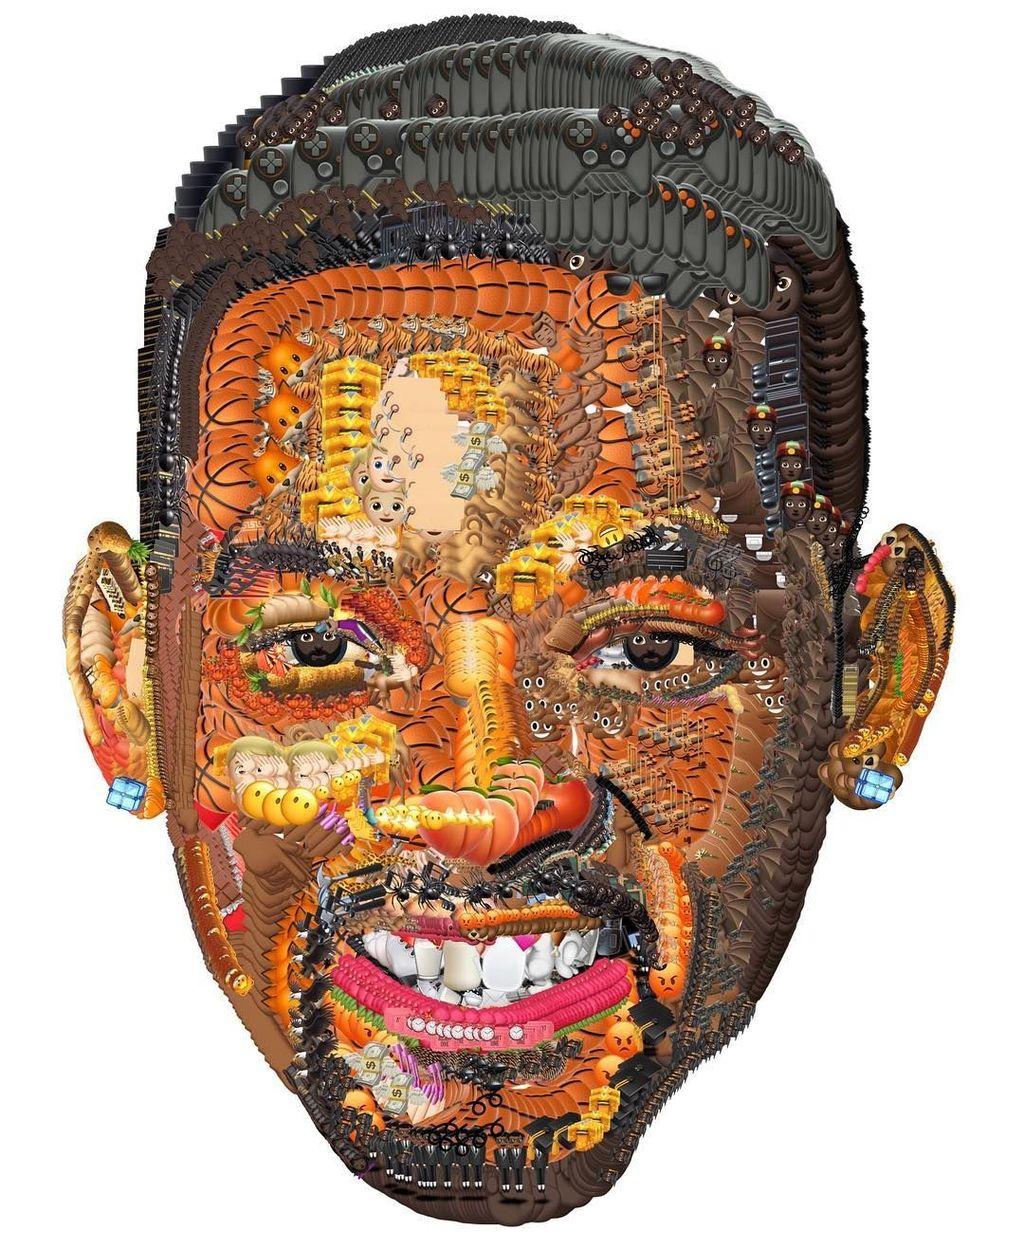 Will Smith jadi salah satu pesohor yang potret wajahnya dibuat menggunakan emoji. Foto: Instagram/yungjake